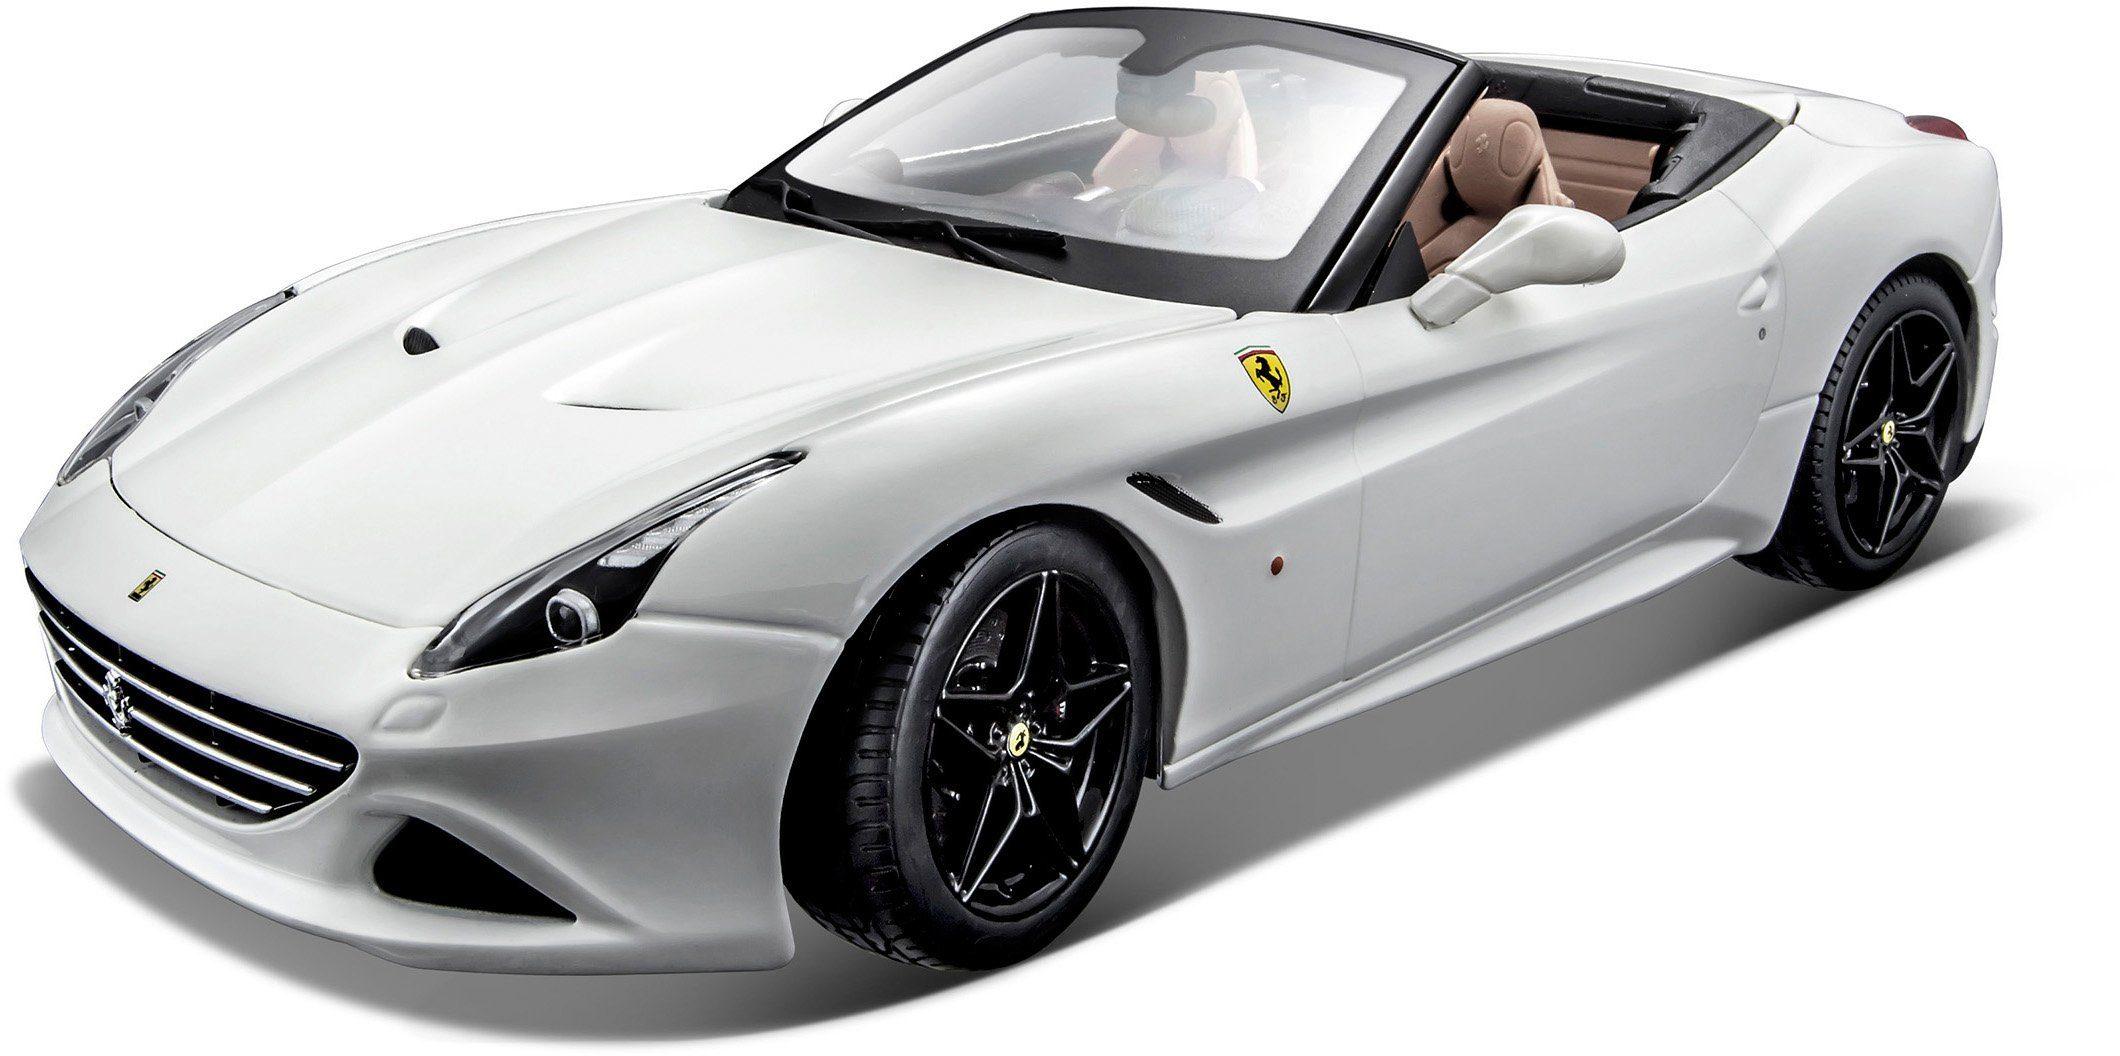 Bburago® Modellauto im Maßstab 1:18, »Ferrari California T Cabrio, weiß«